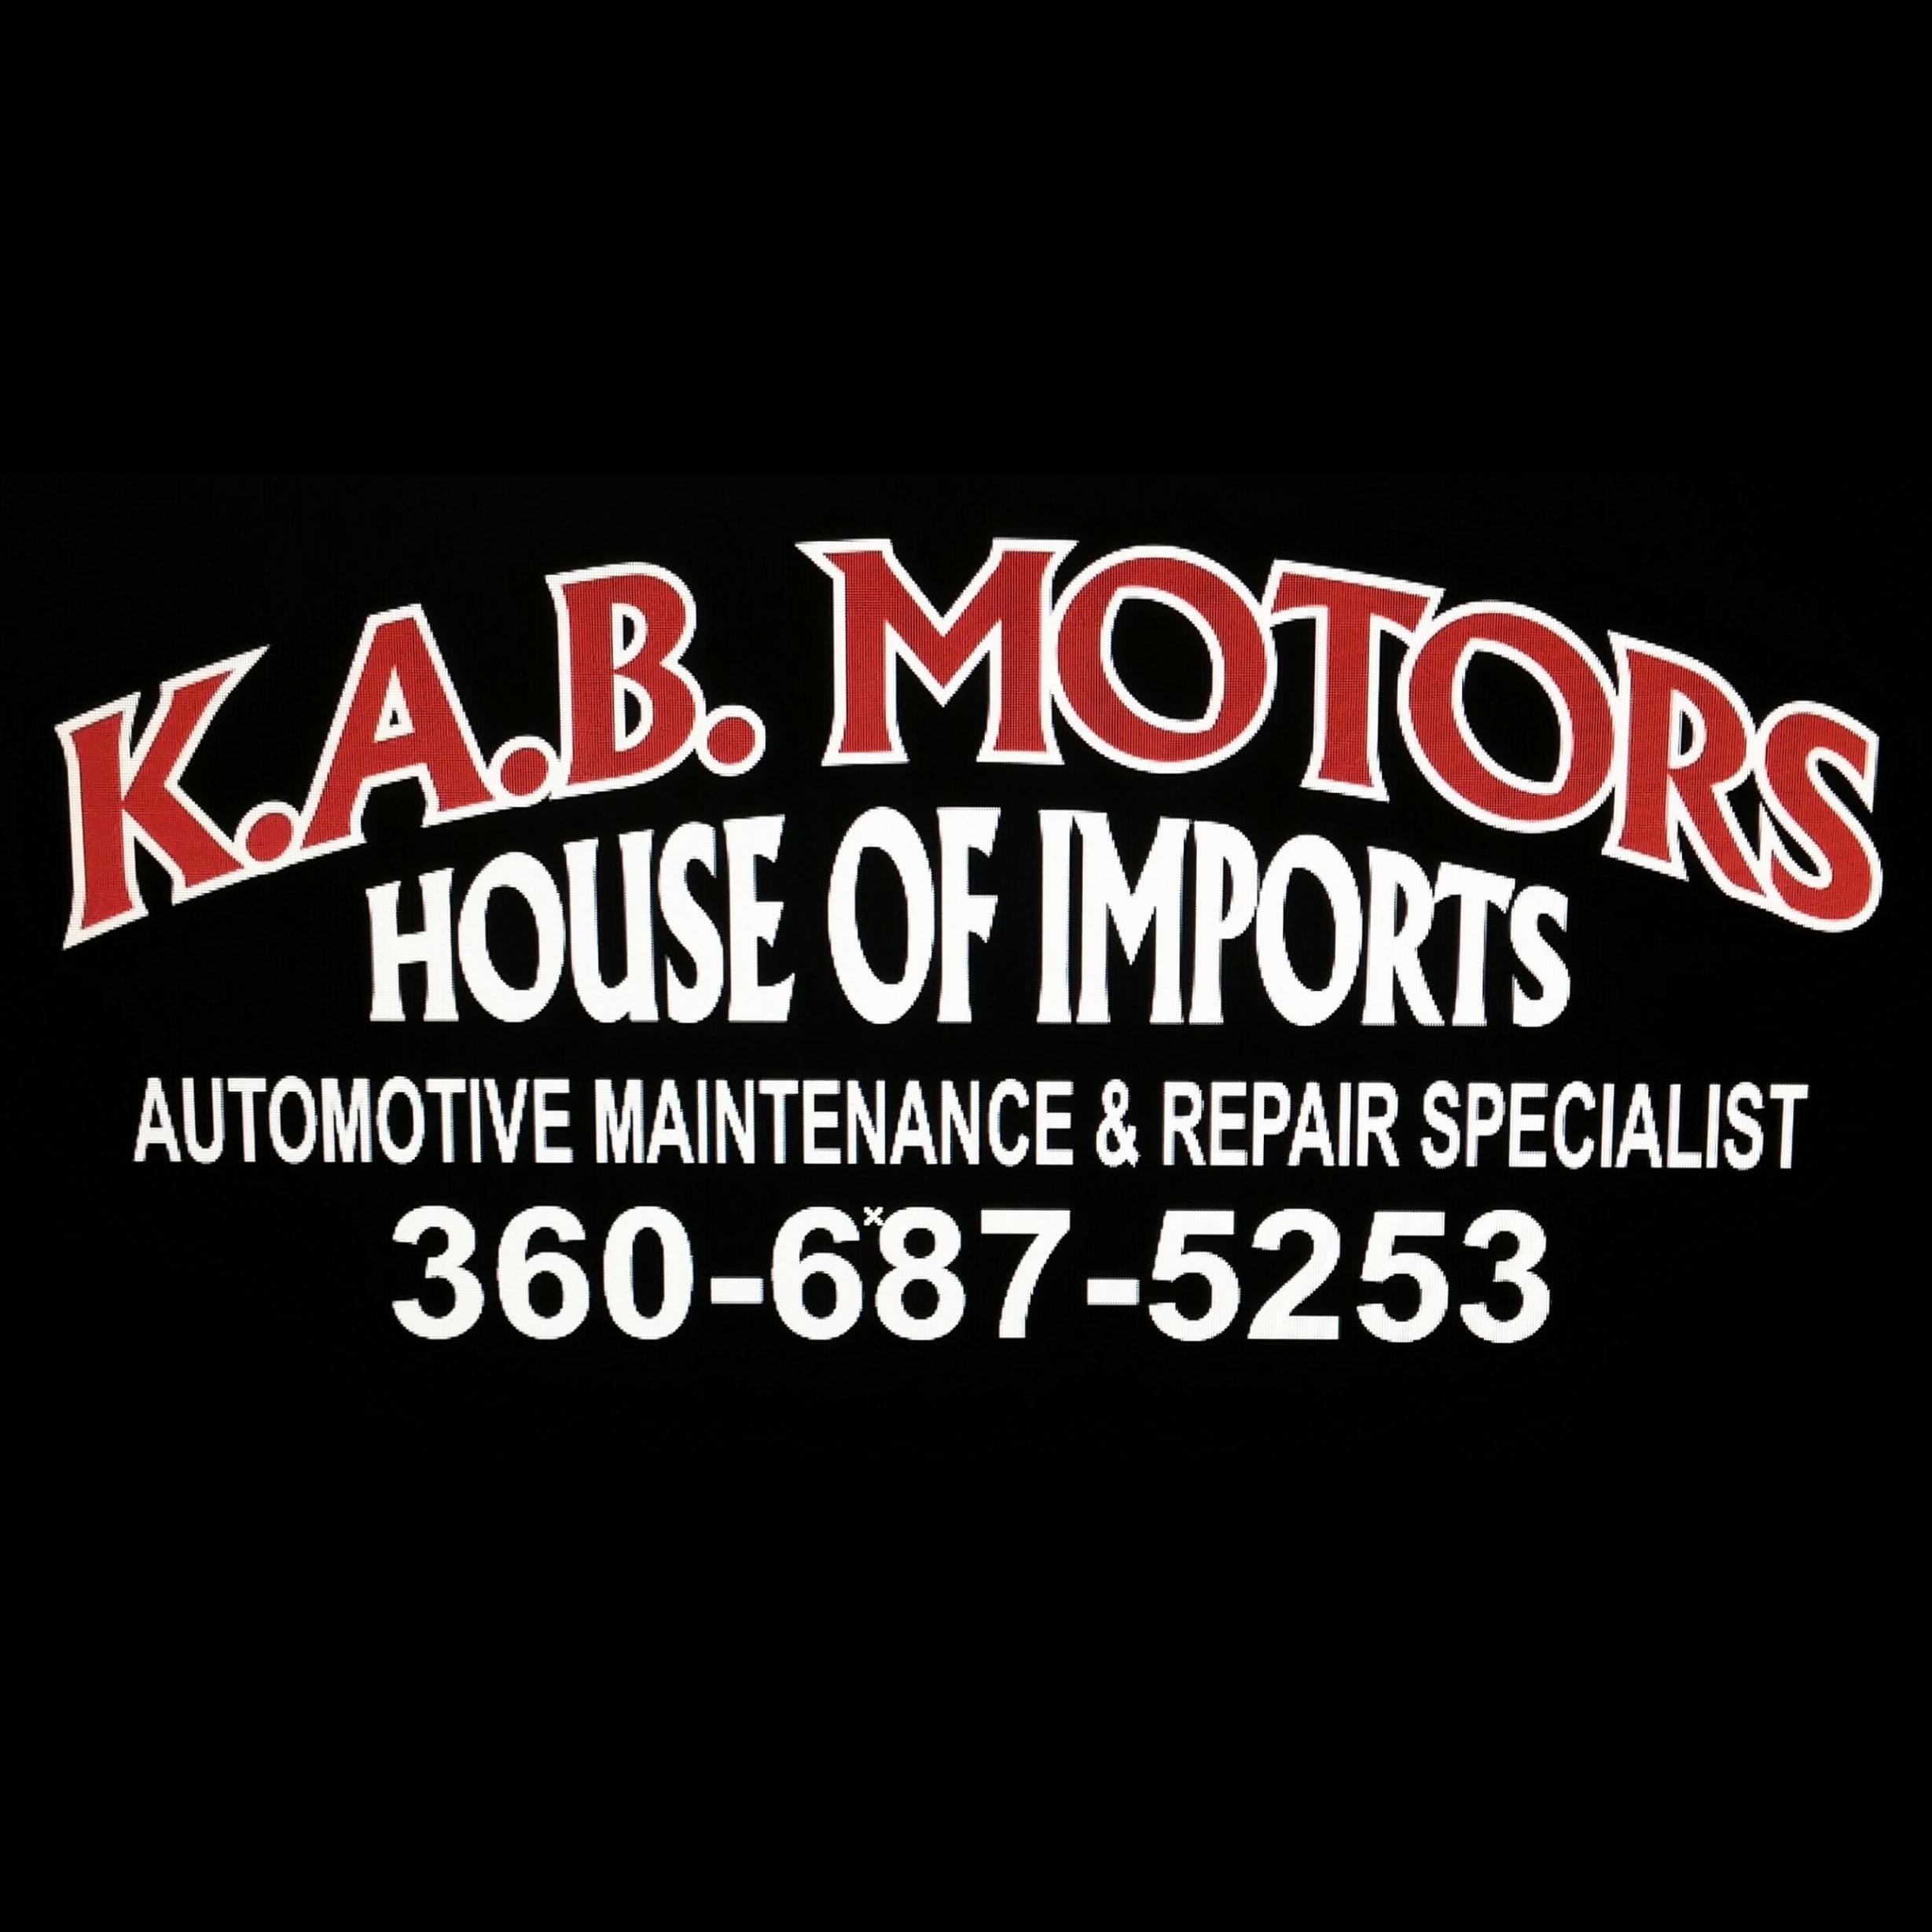 K.A.B. Motors